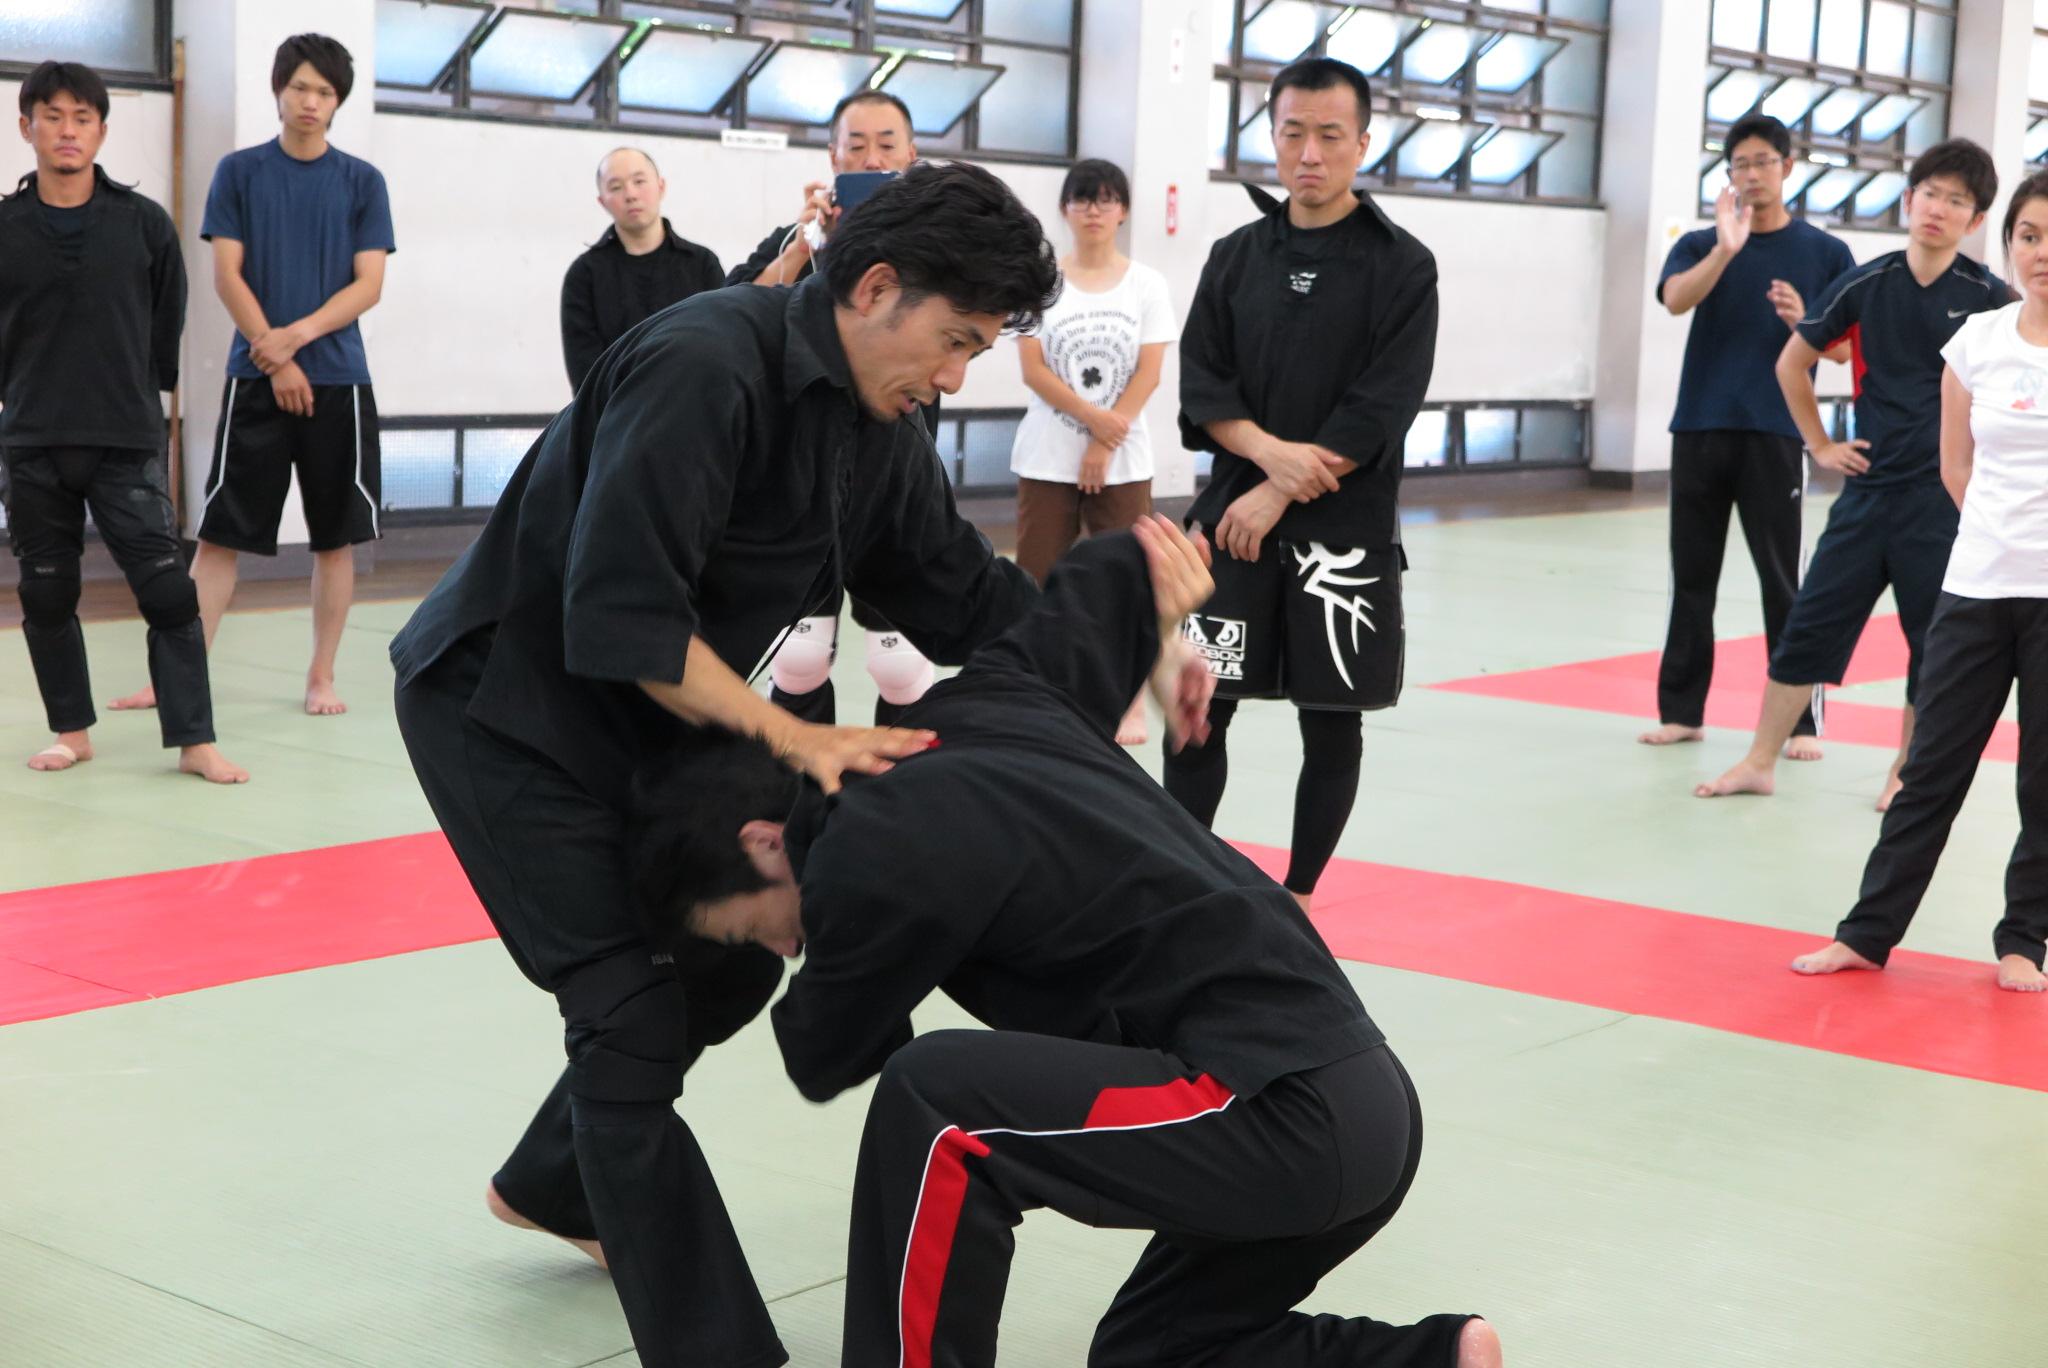 全国で護身術セミナーを開催 多くの武道家から高い評価を受ける